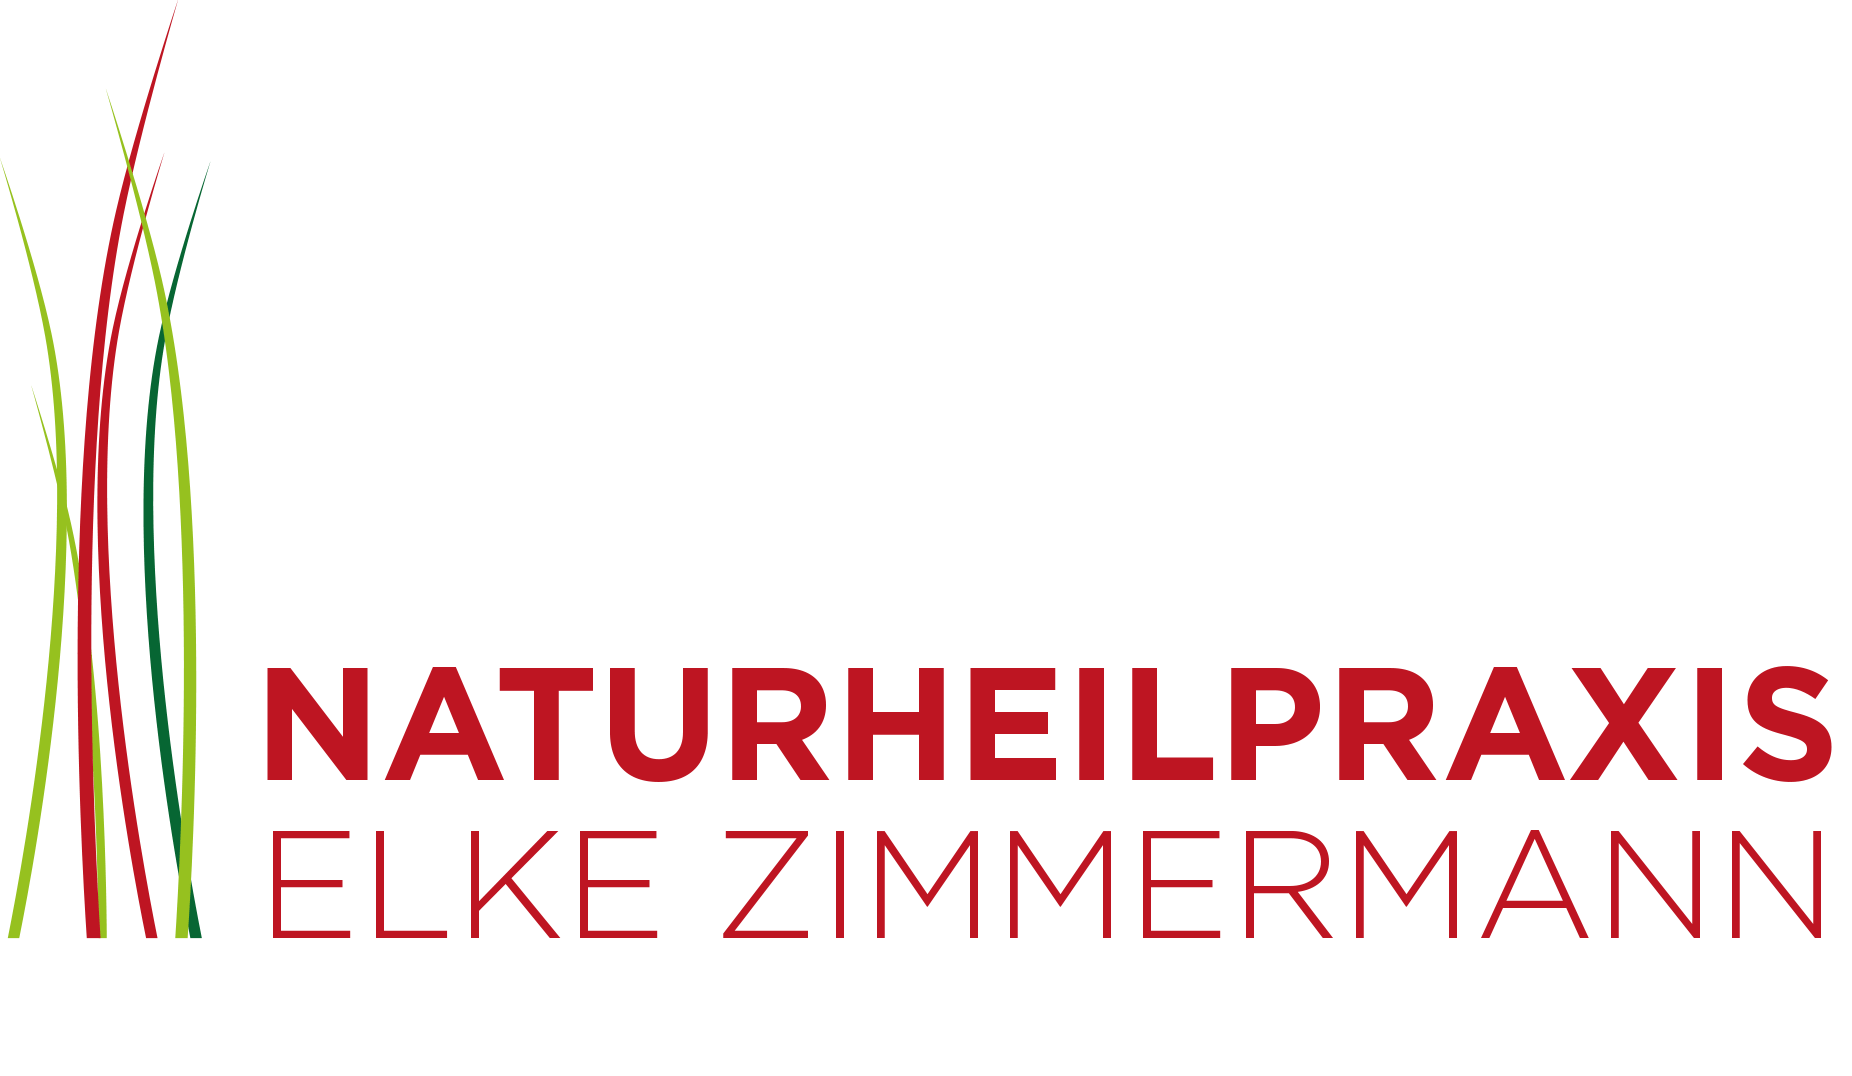 Naturheilpraxis Elke Zimmermann